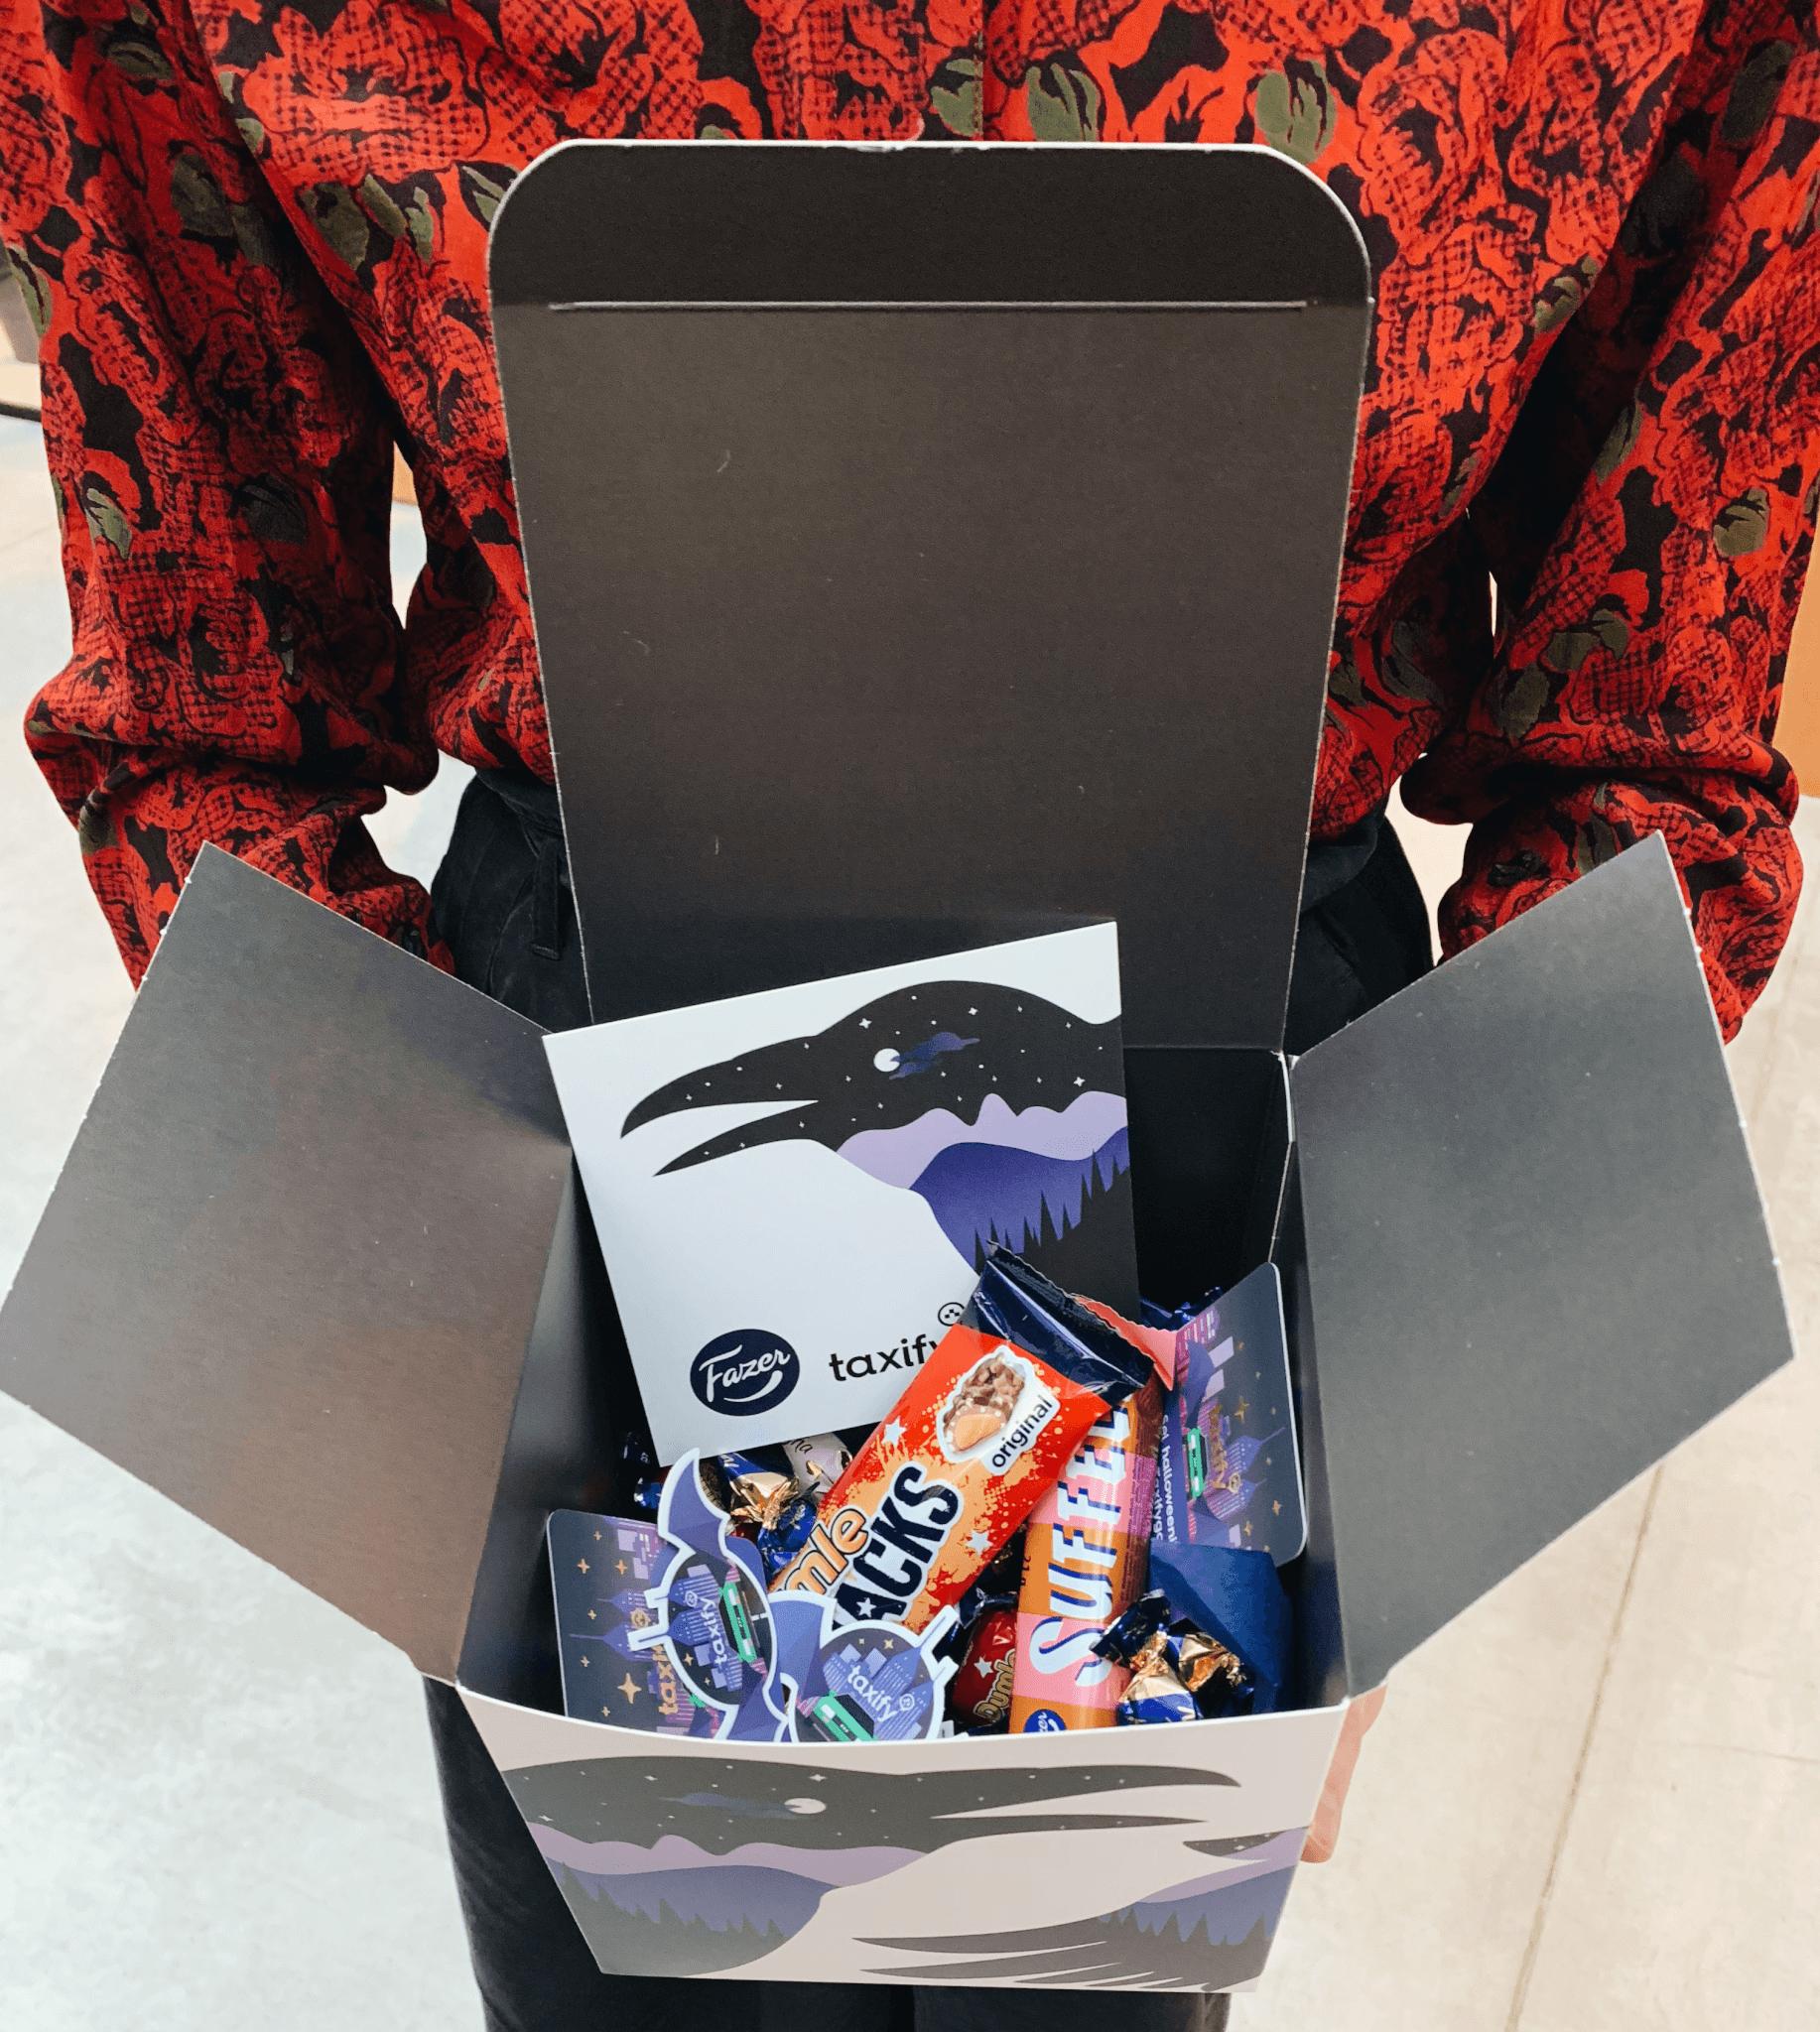 scatola personalizzata di Taxify per Halloween